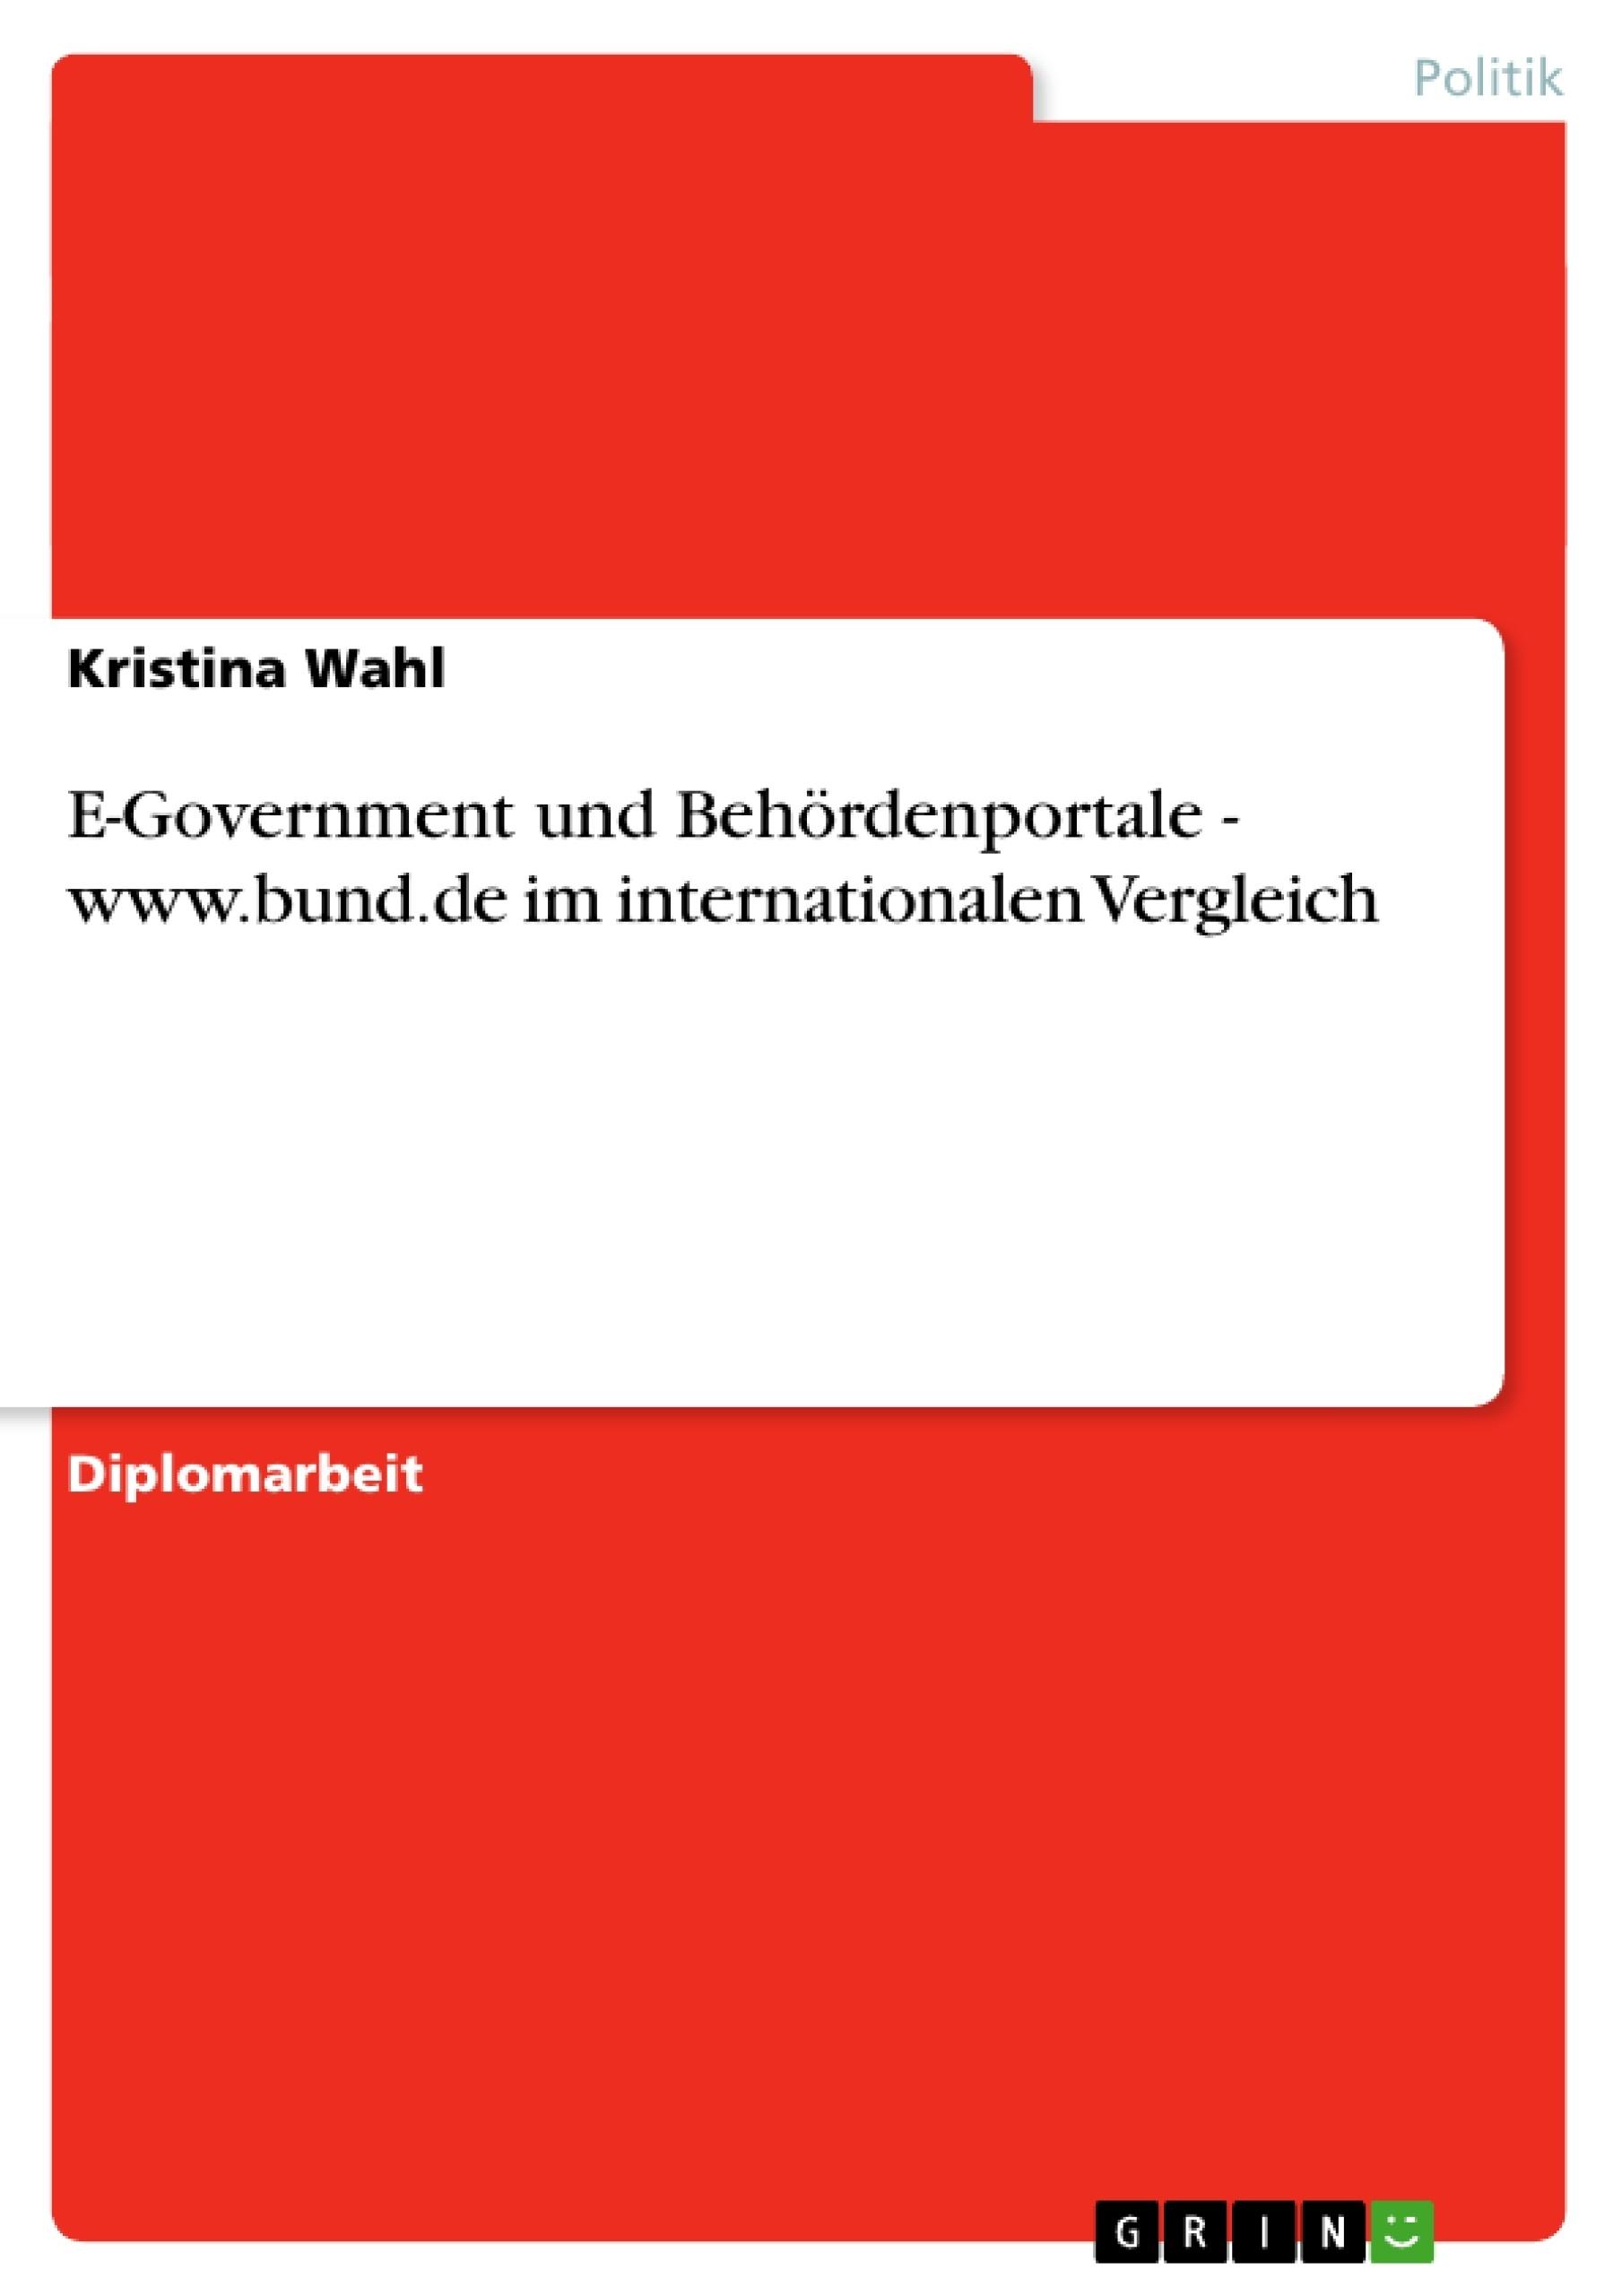 Titel: E-Government und Behördenportale - www.bund.de im internationalen Vergleich